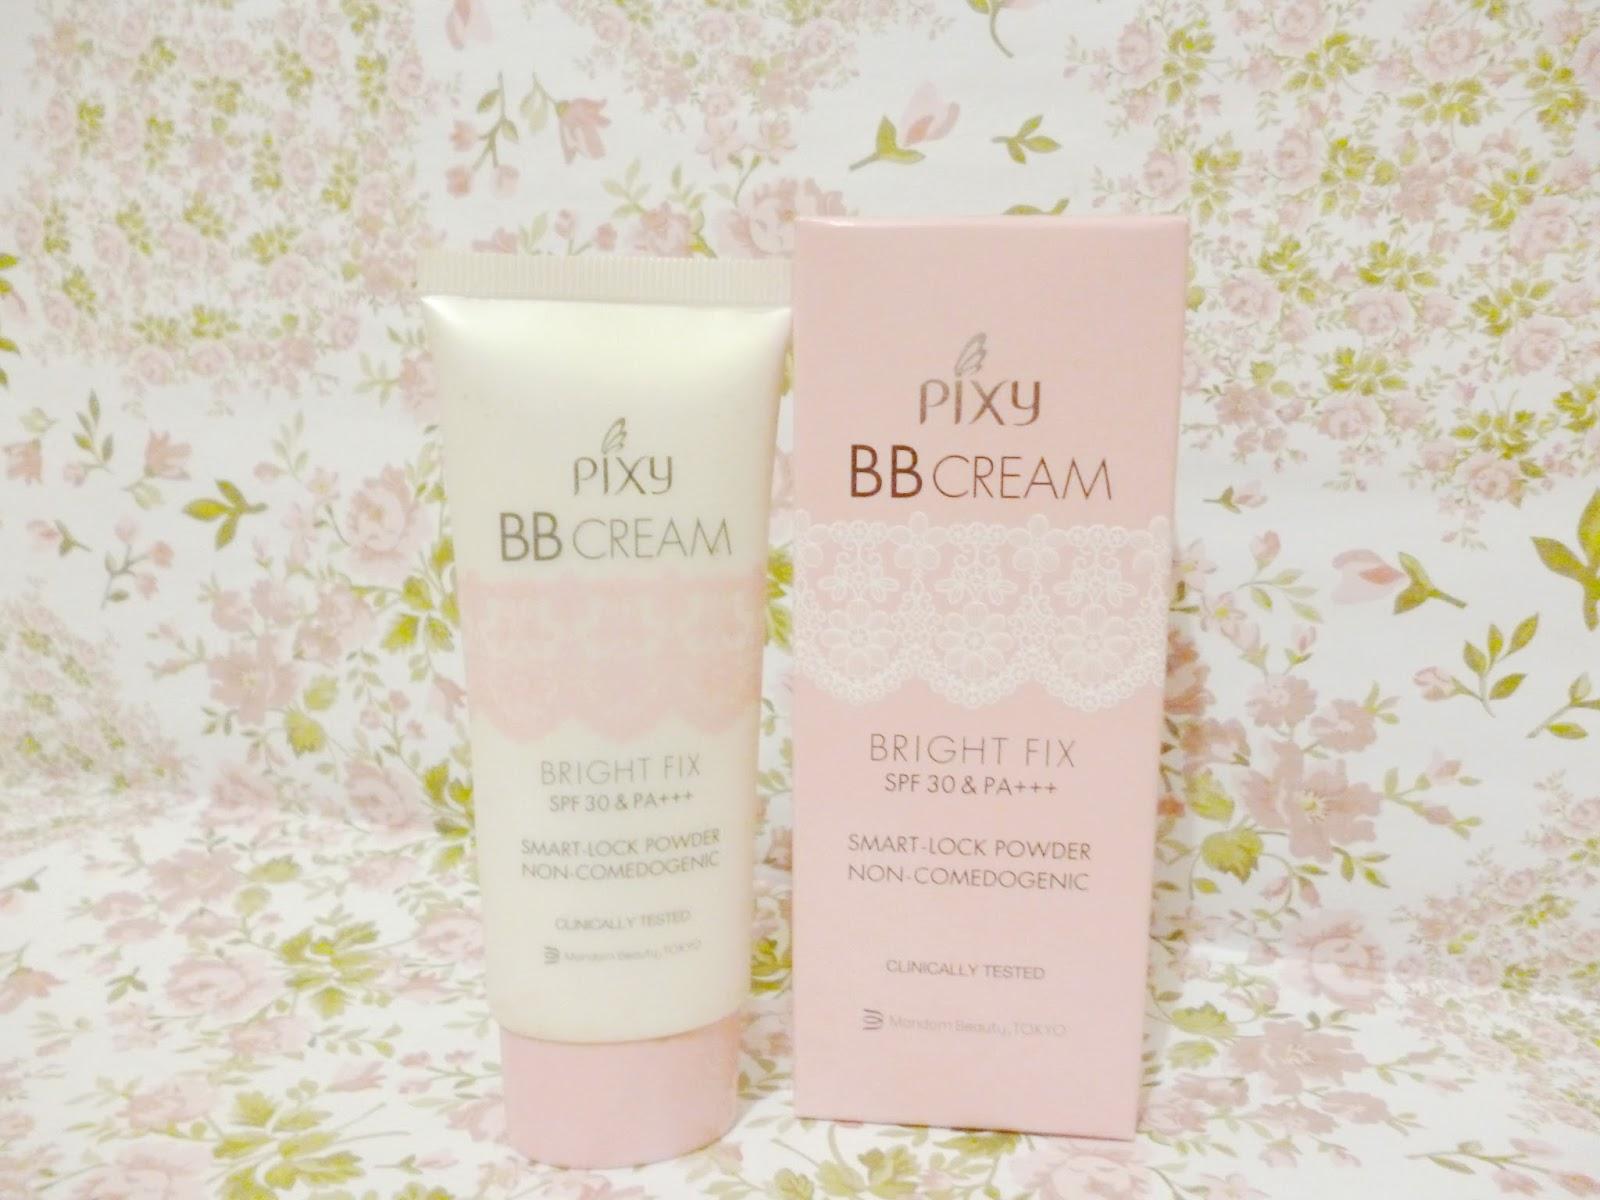 Pixy Bb Cream Bright Fix Spf30 Pa My Unpretty Side